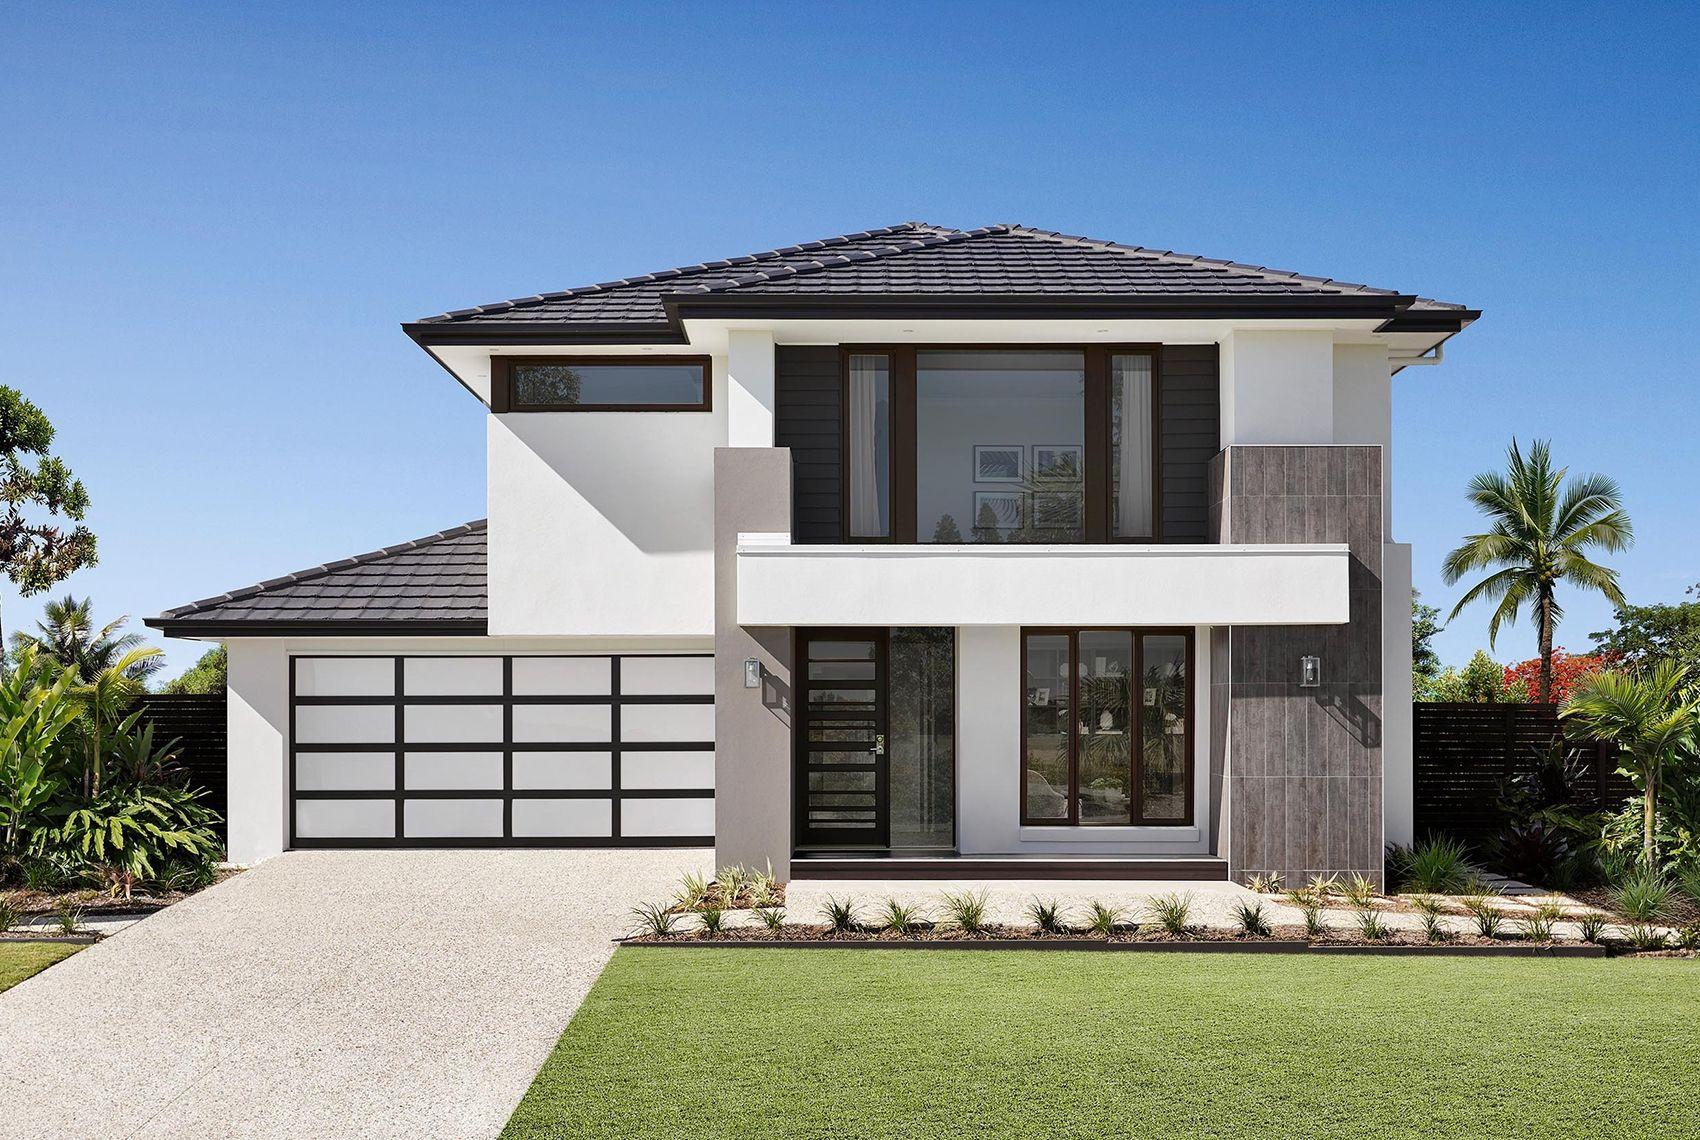 Sahara 39 Acacia facade House design, New home designs